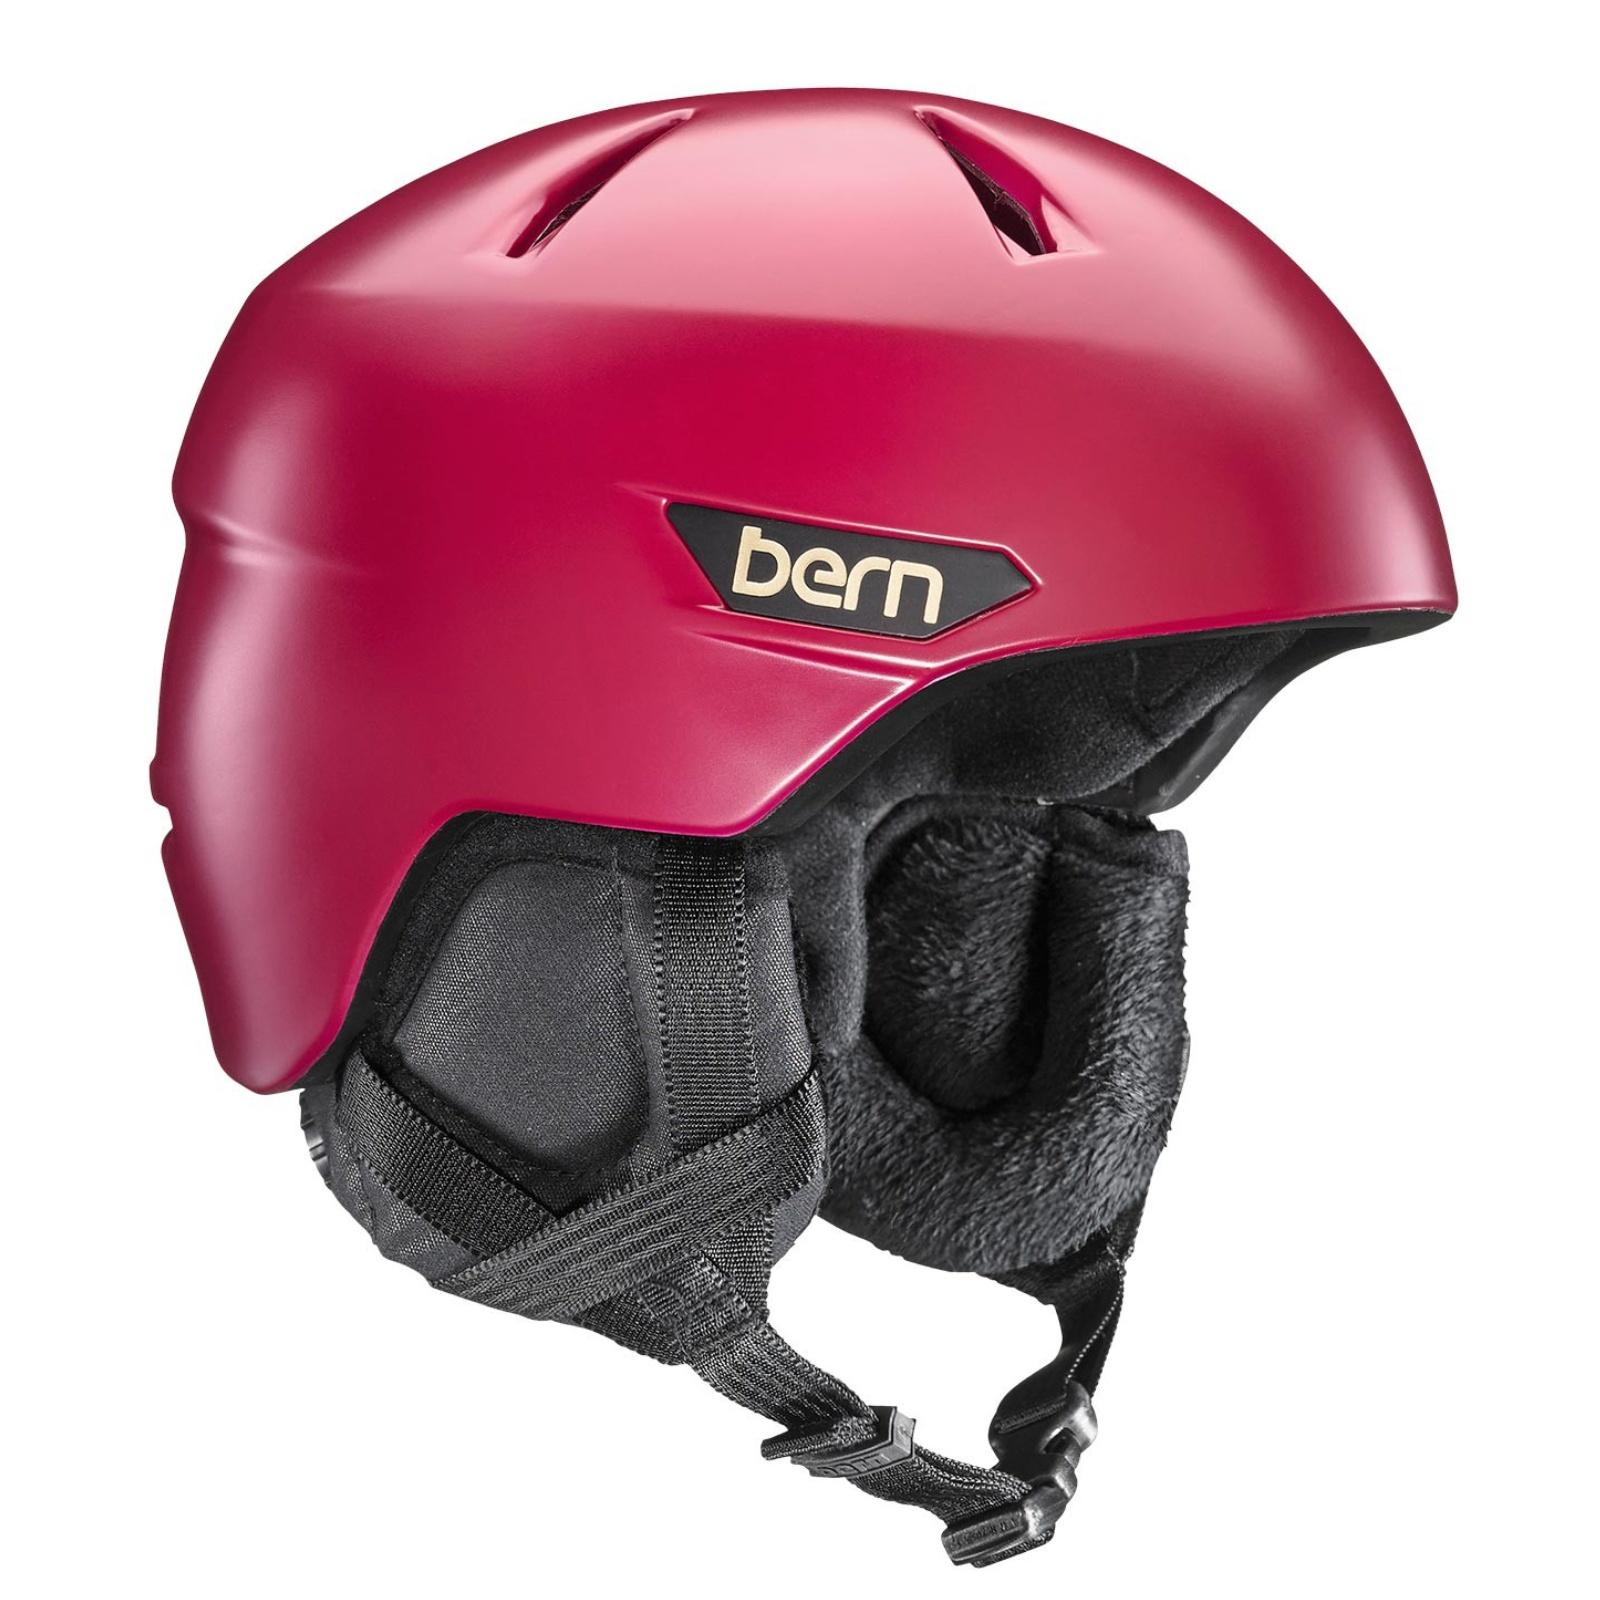 Helma BERN Bristow dámská červená - vel. XS/S